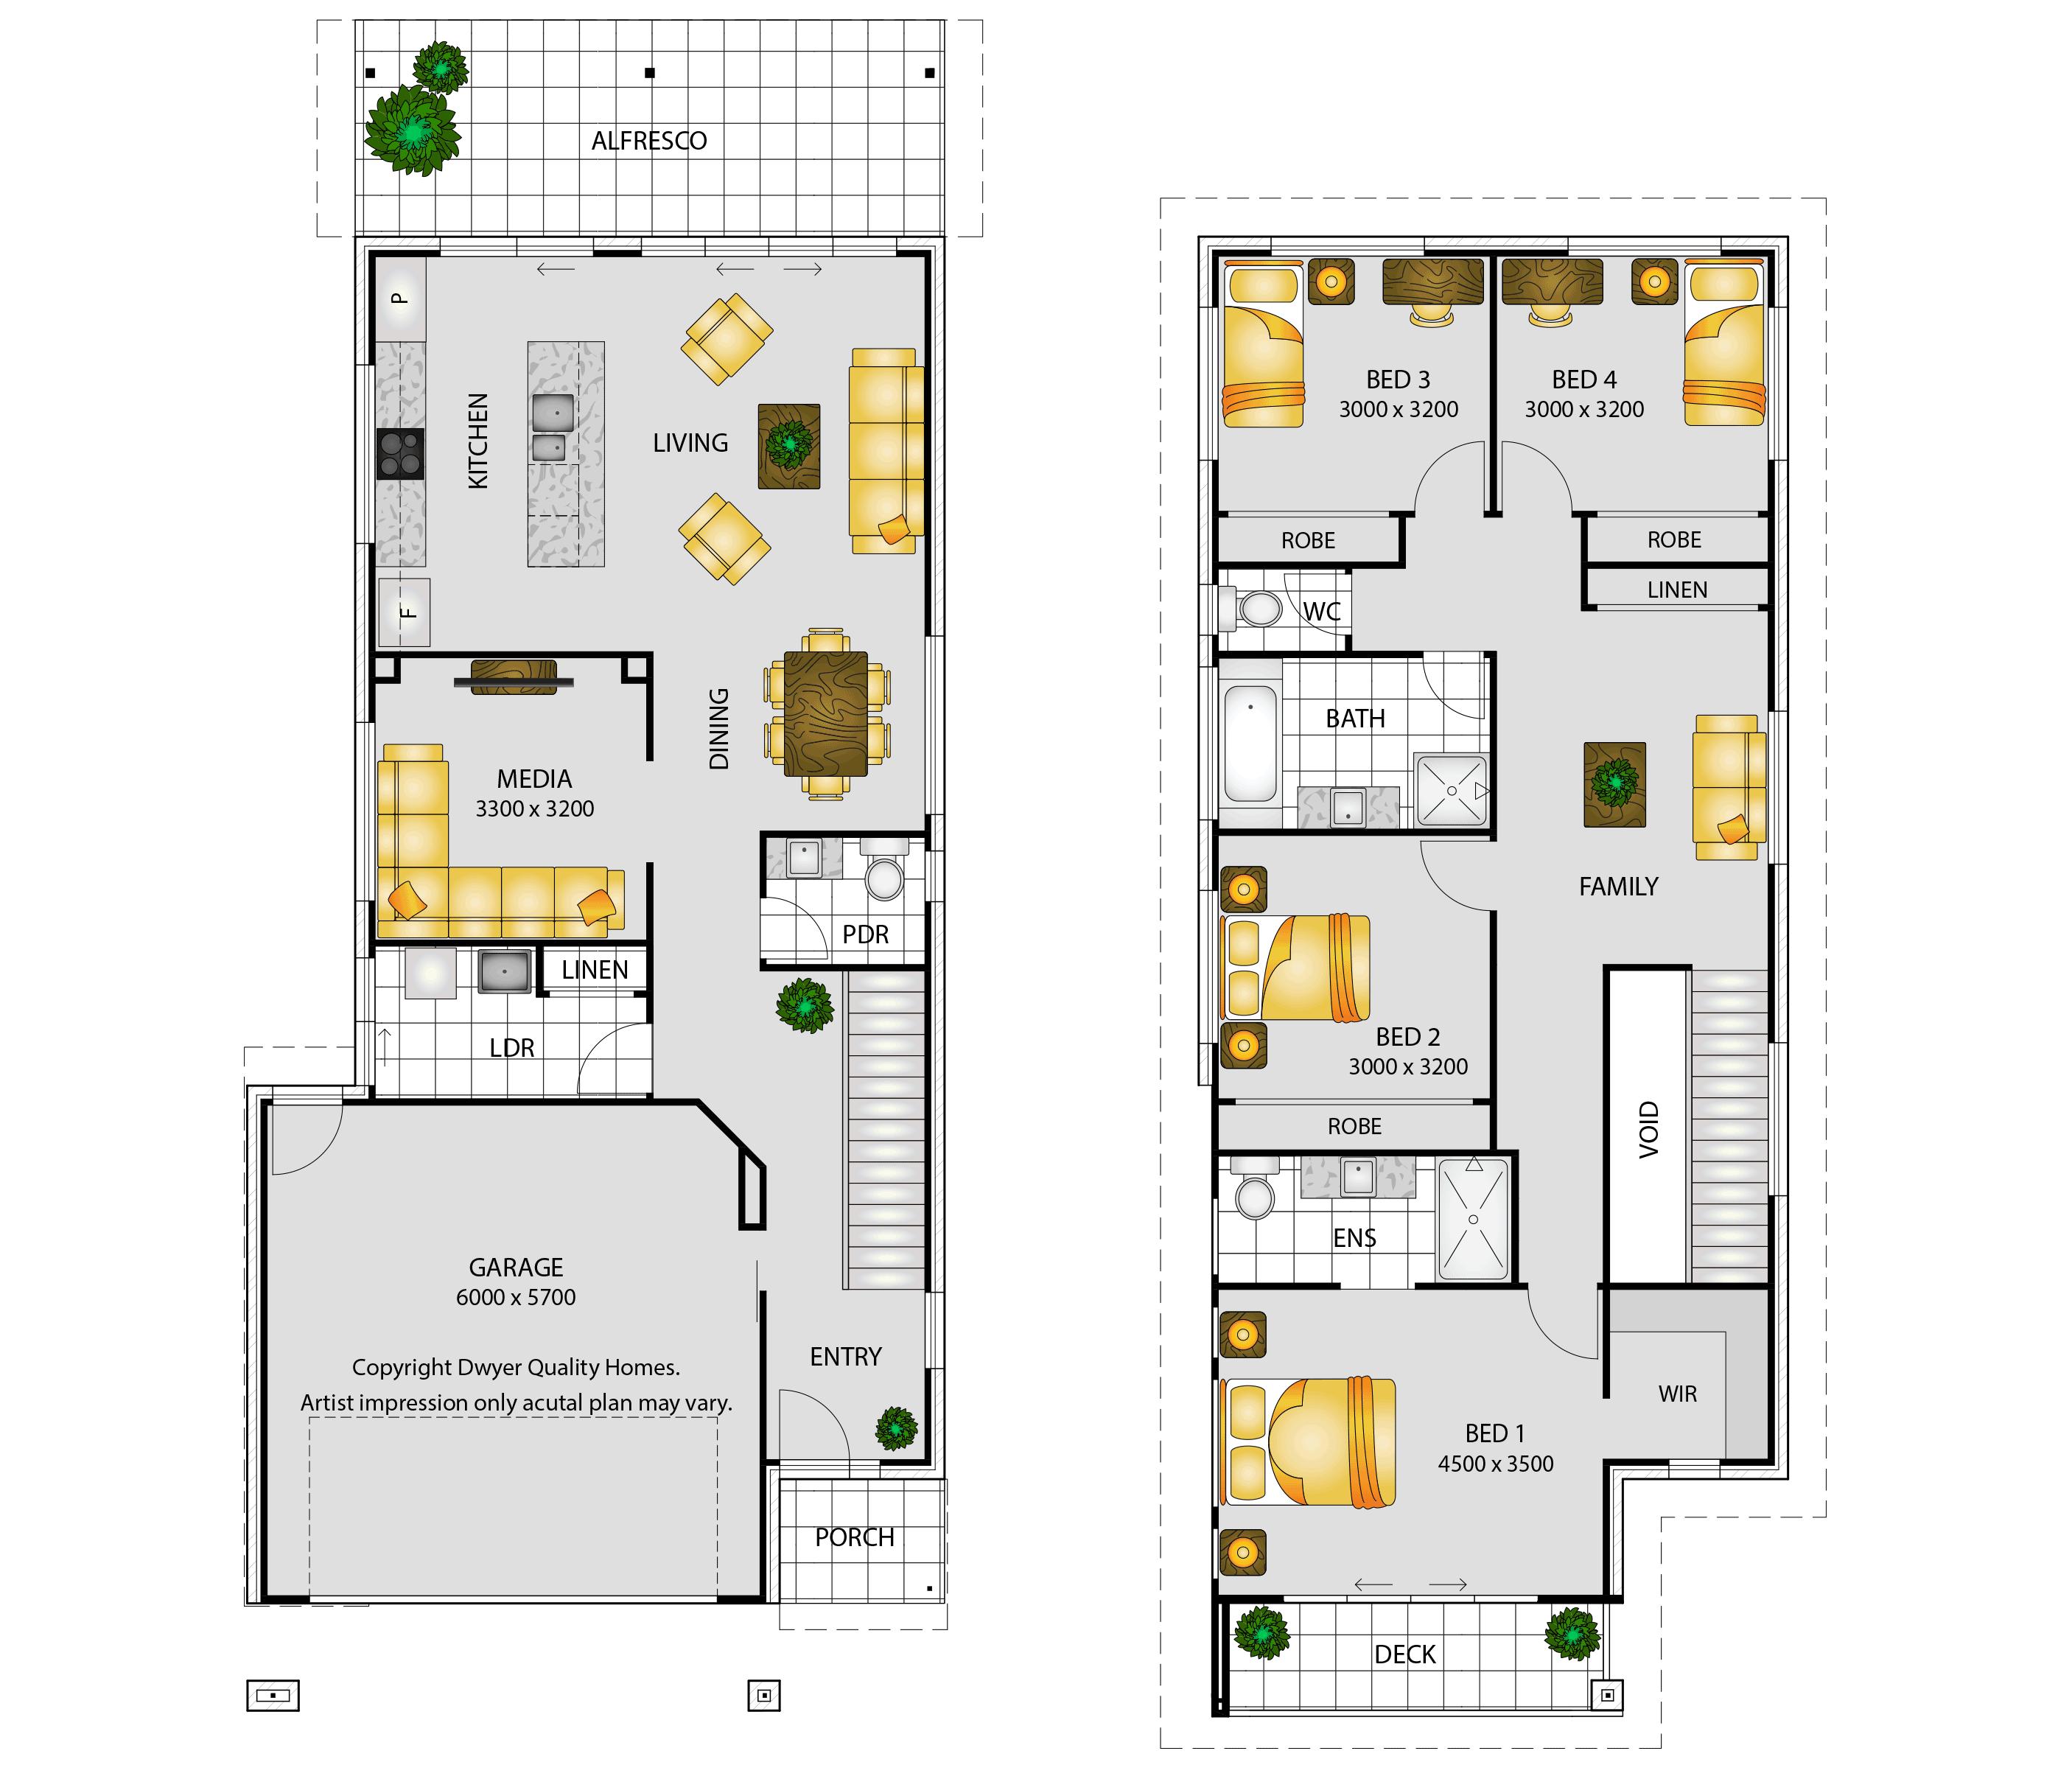 Santorini - Floorplans